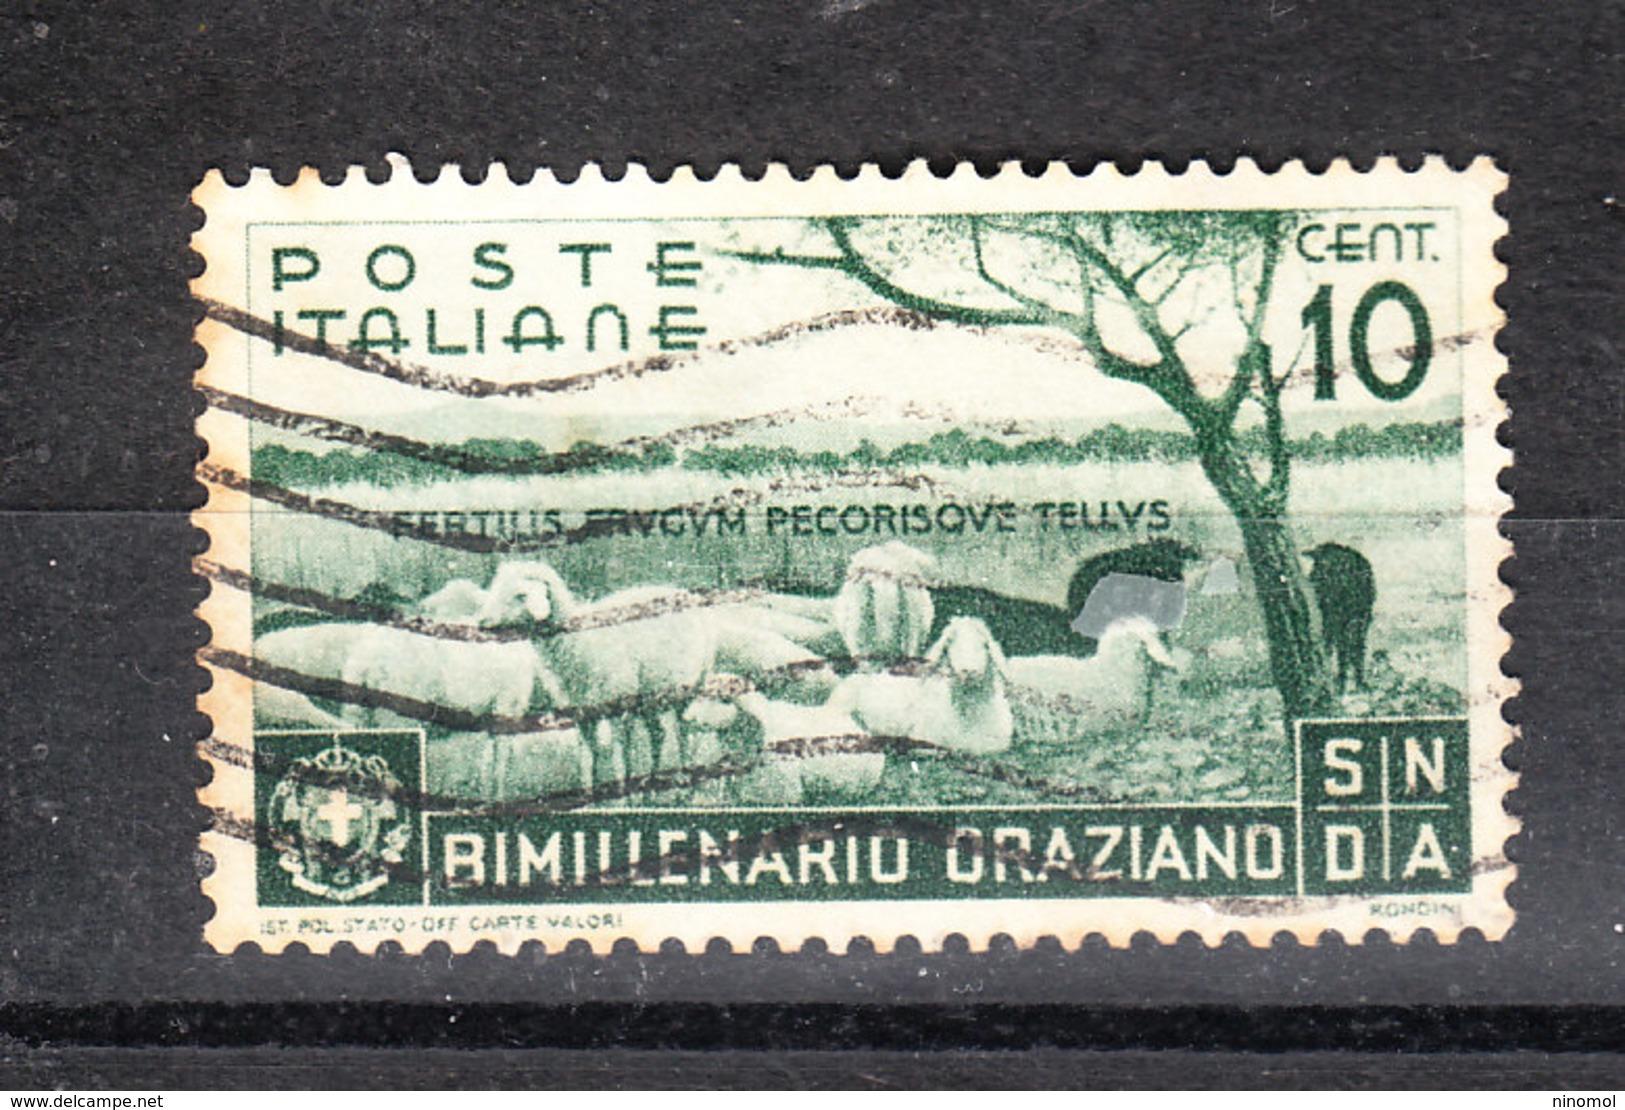 Italia   - 1936. Bimillenario Oraziano. 10 C. Viaggiato - Usati